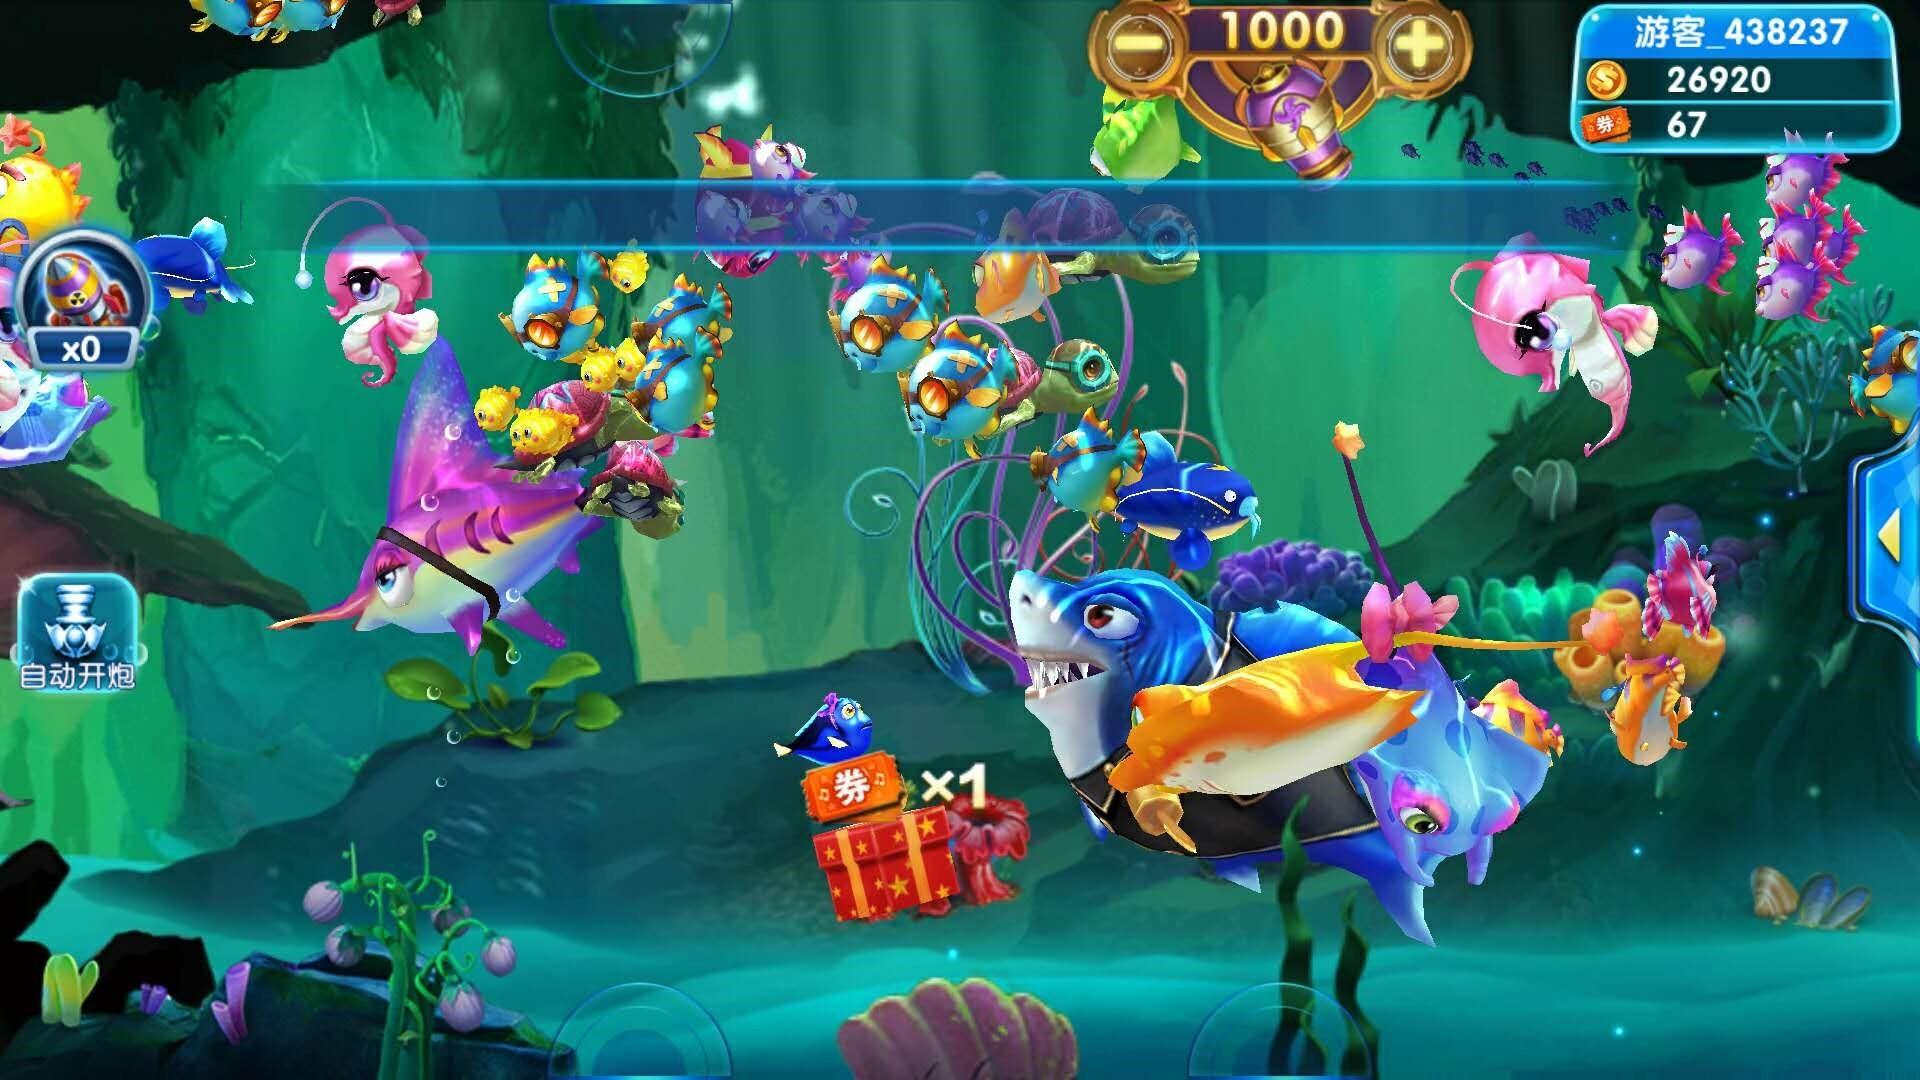 通过3d效果的描绘,整个海底世界在细节上变得更为精致,在色彩上变得